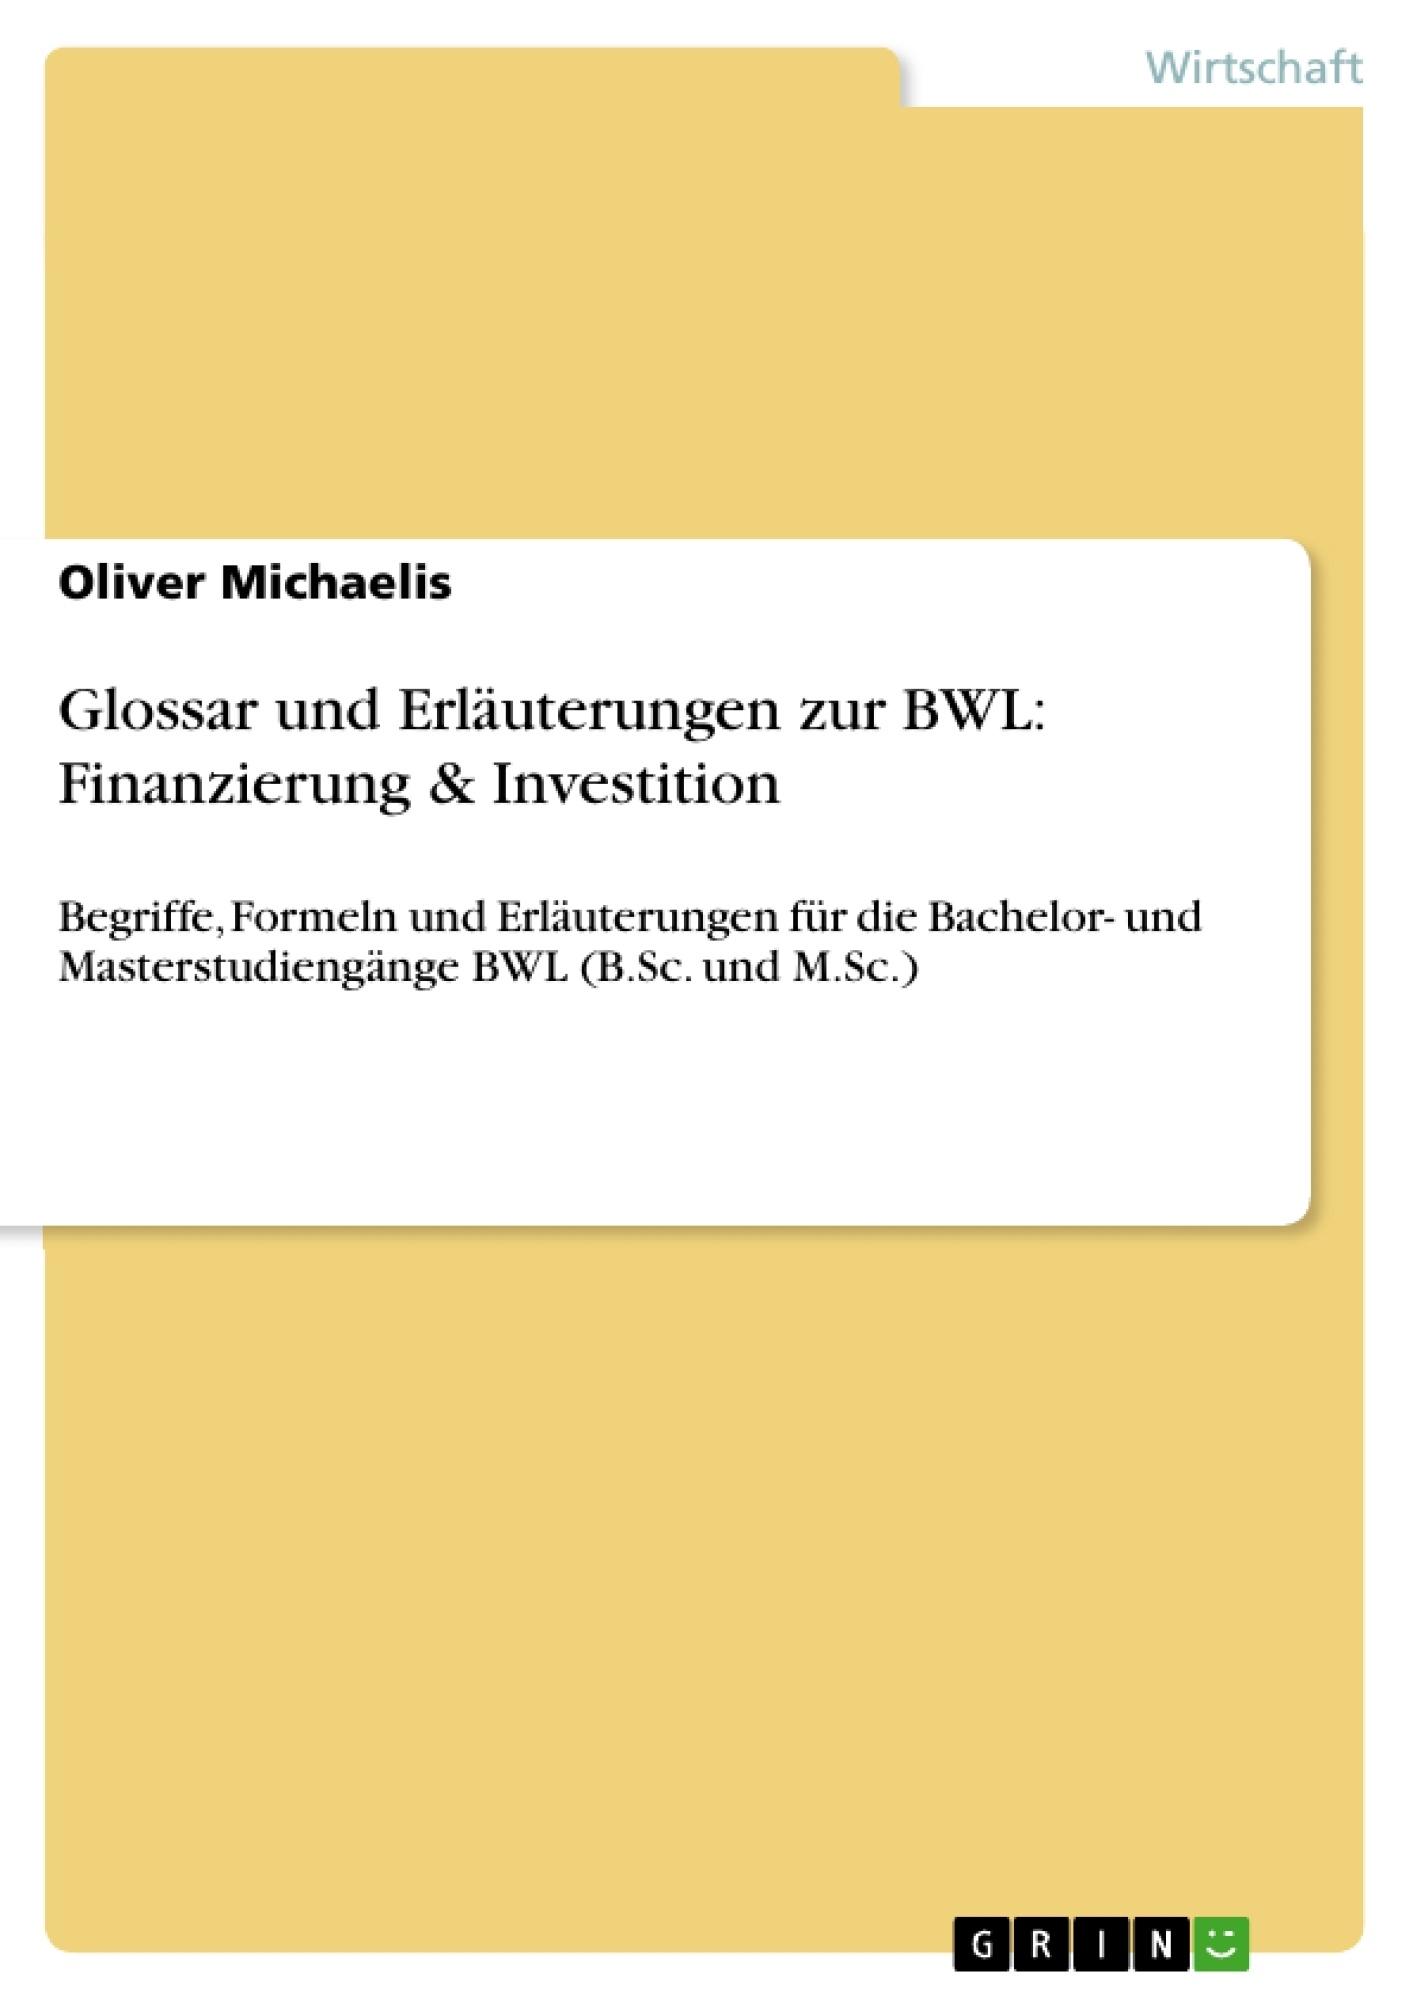 Titel: Glossar und Erläuterungen zur BWL: Finanzierung & Investition